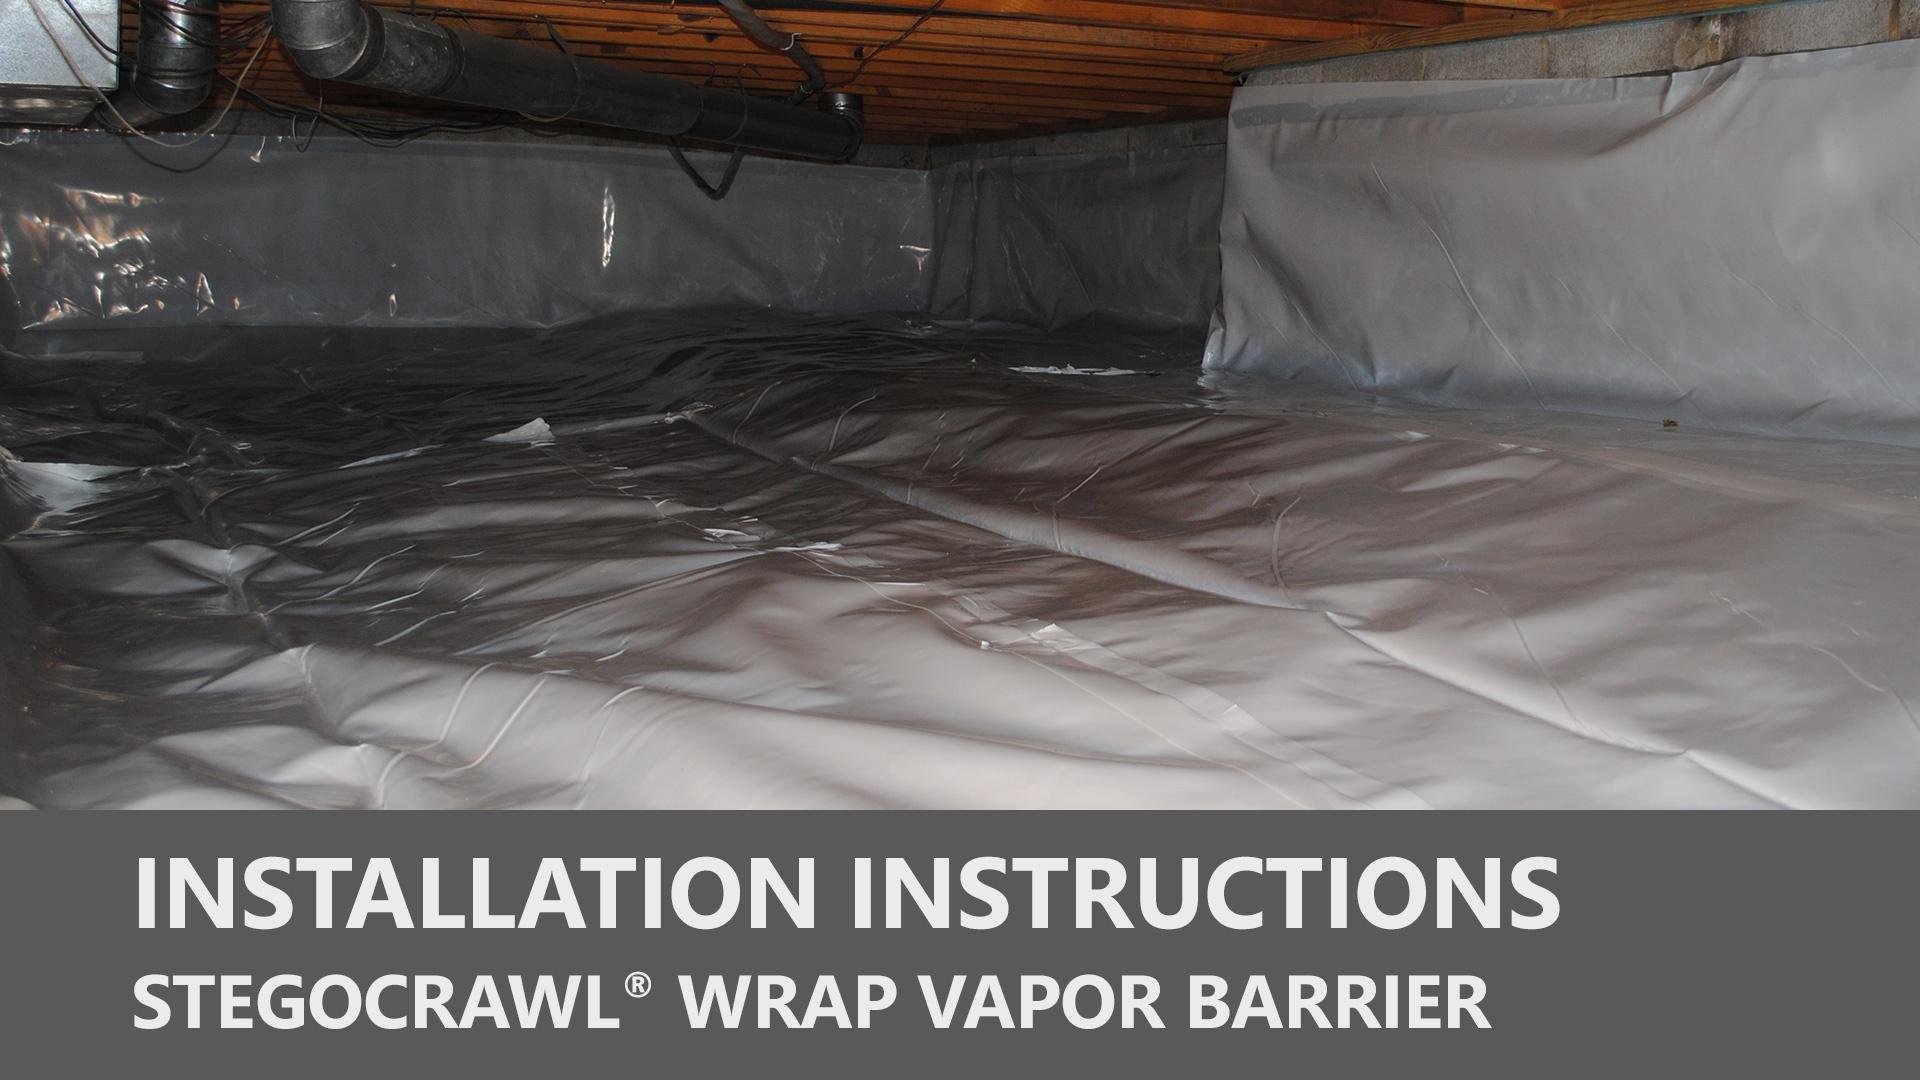 StegoCrawl Wrap Vapor Barrier Installation Instructions